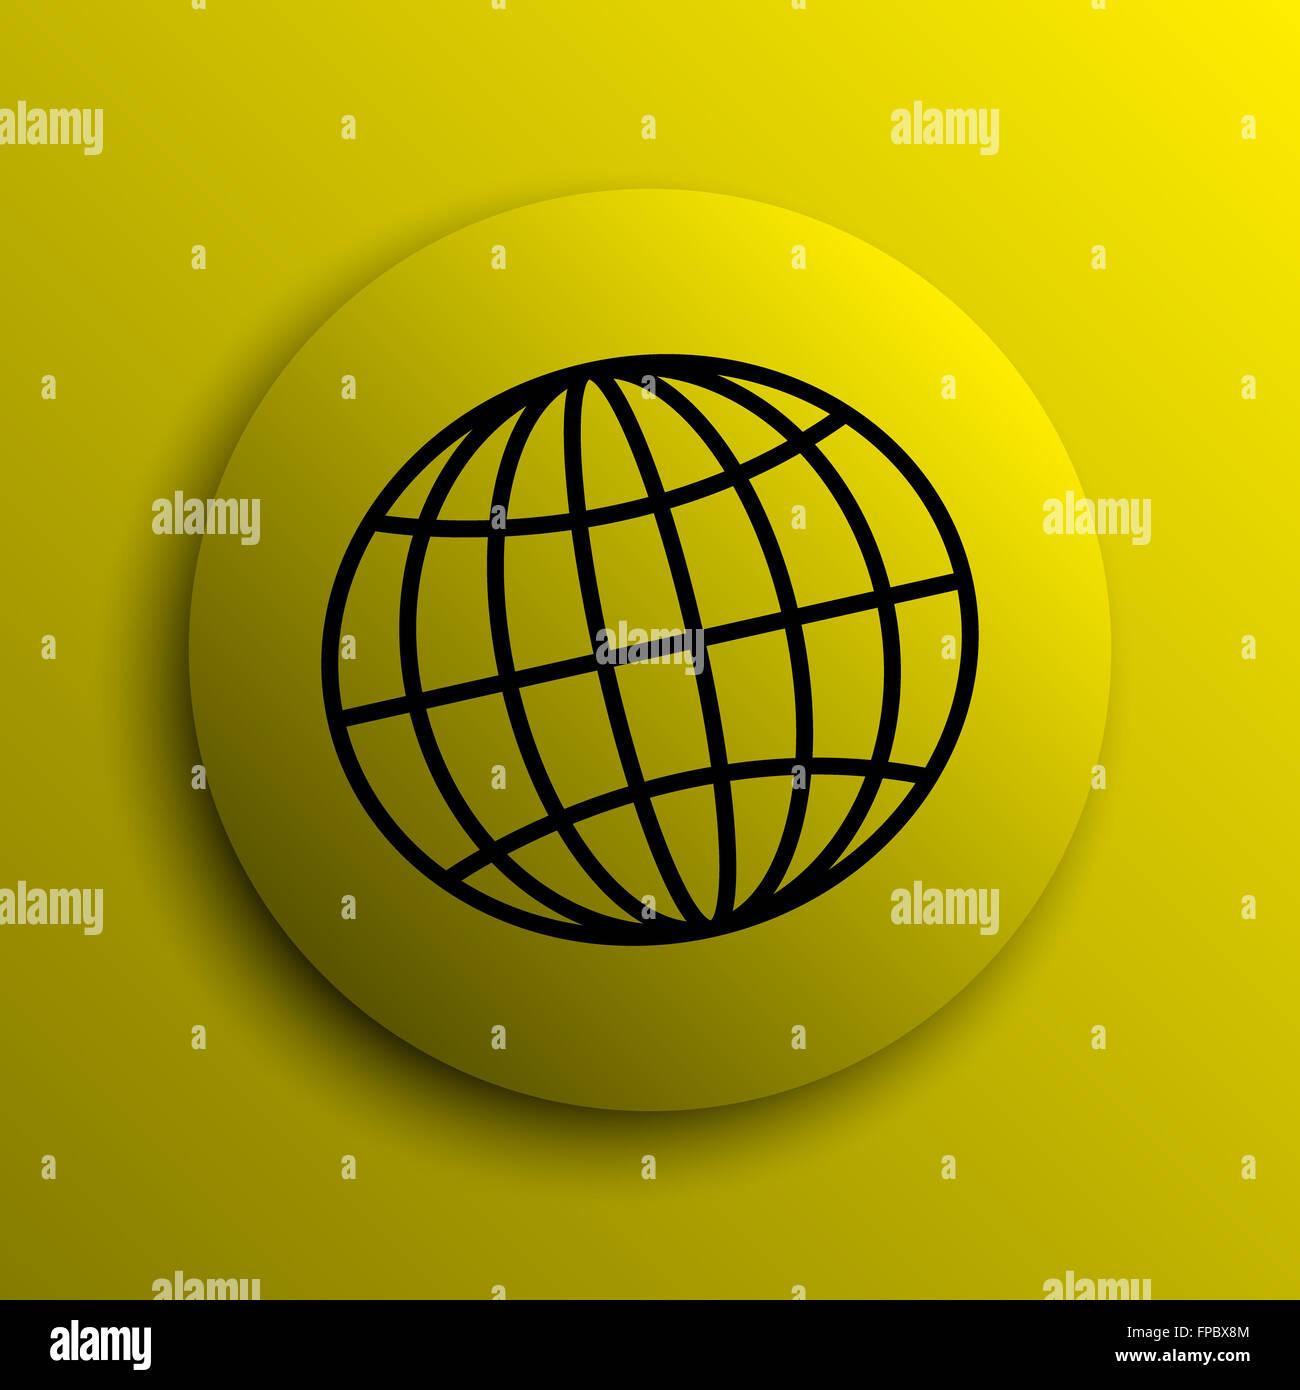 Globe icon  Yellow internet button Stock Photo: 99836372 - Alamy